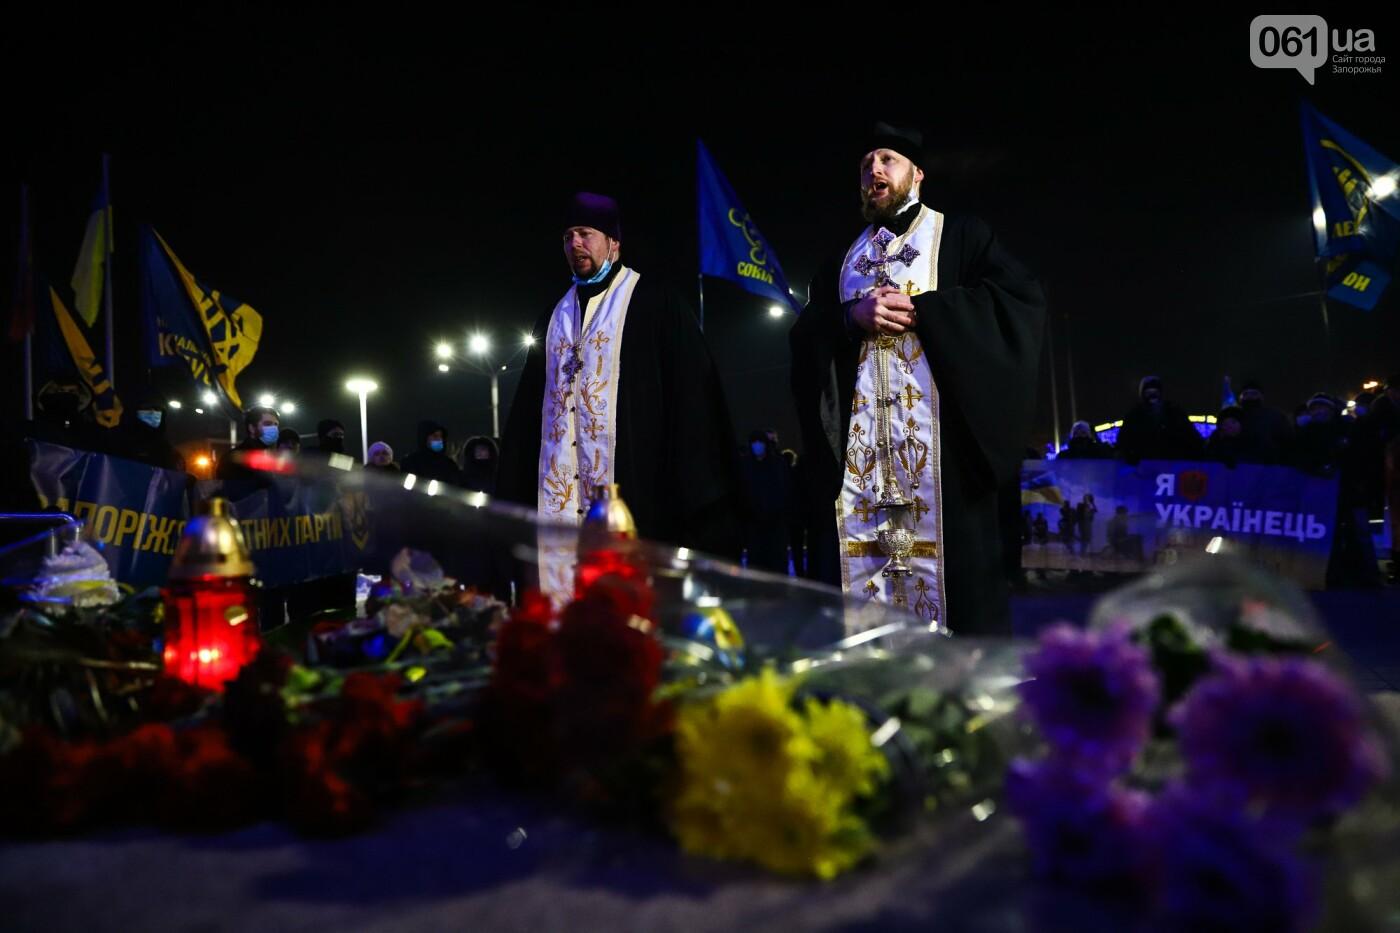 З прапорами та лампадками: у Запоріжжі вшанували Героїв Небесної Сотні, - ФОТОРЕПОРТАЖ , фото-13